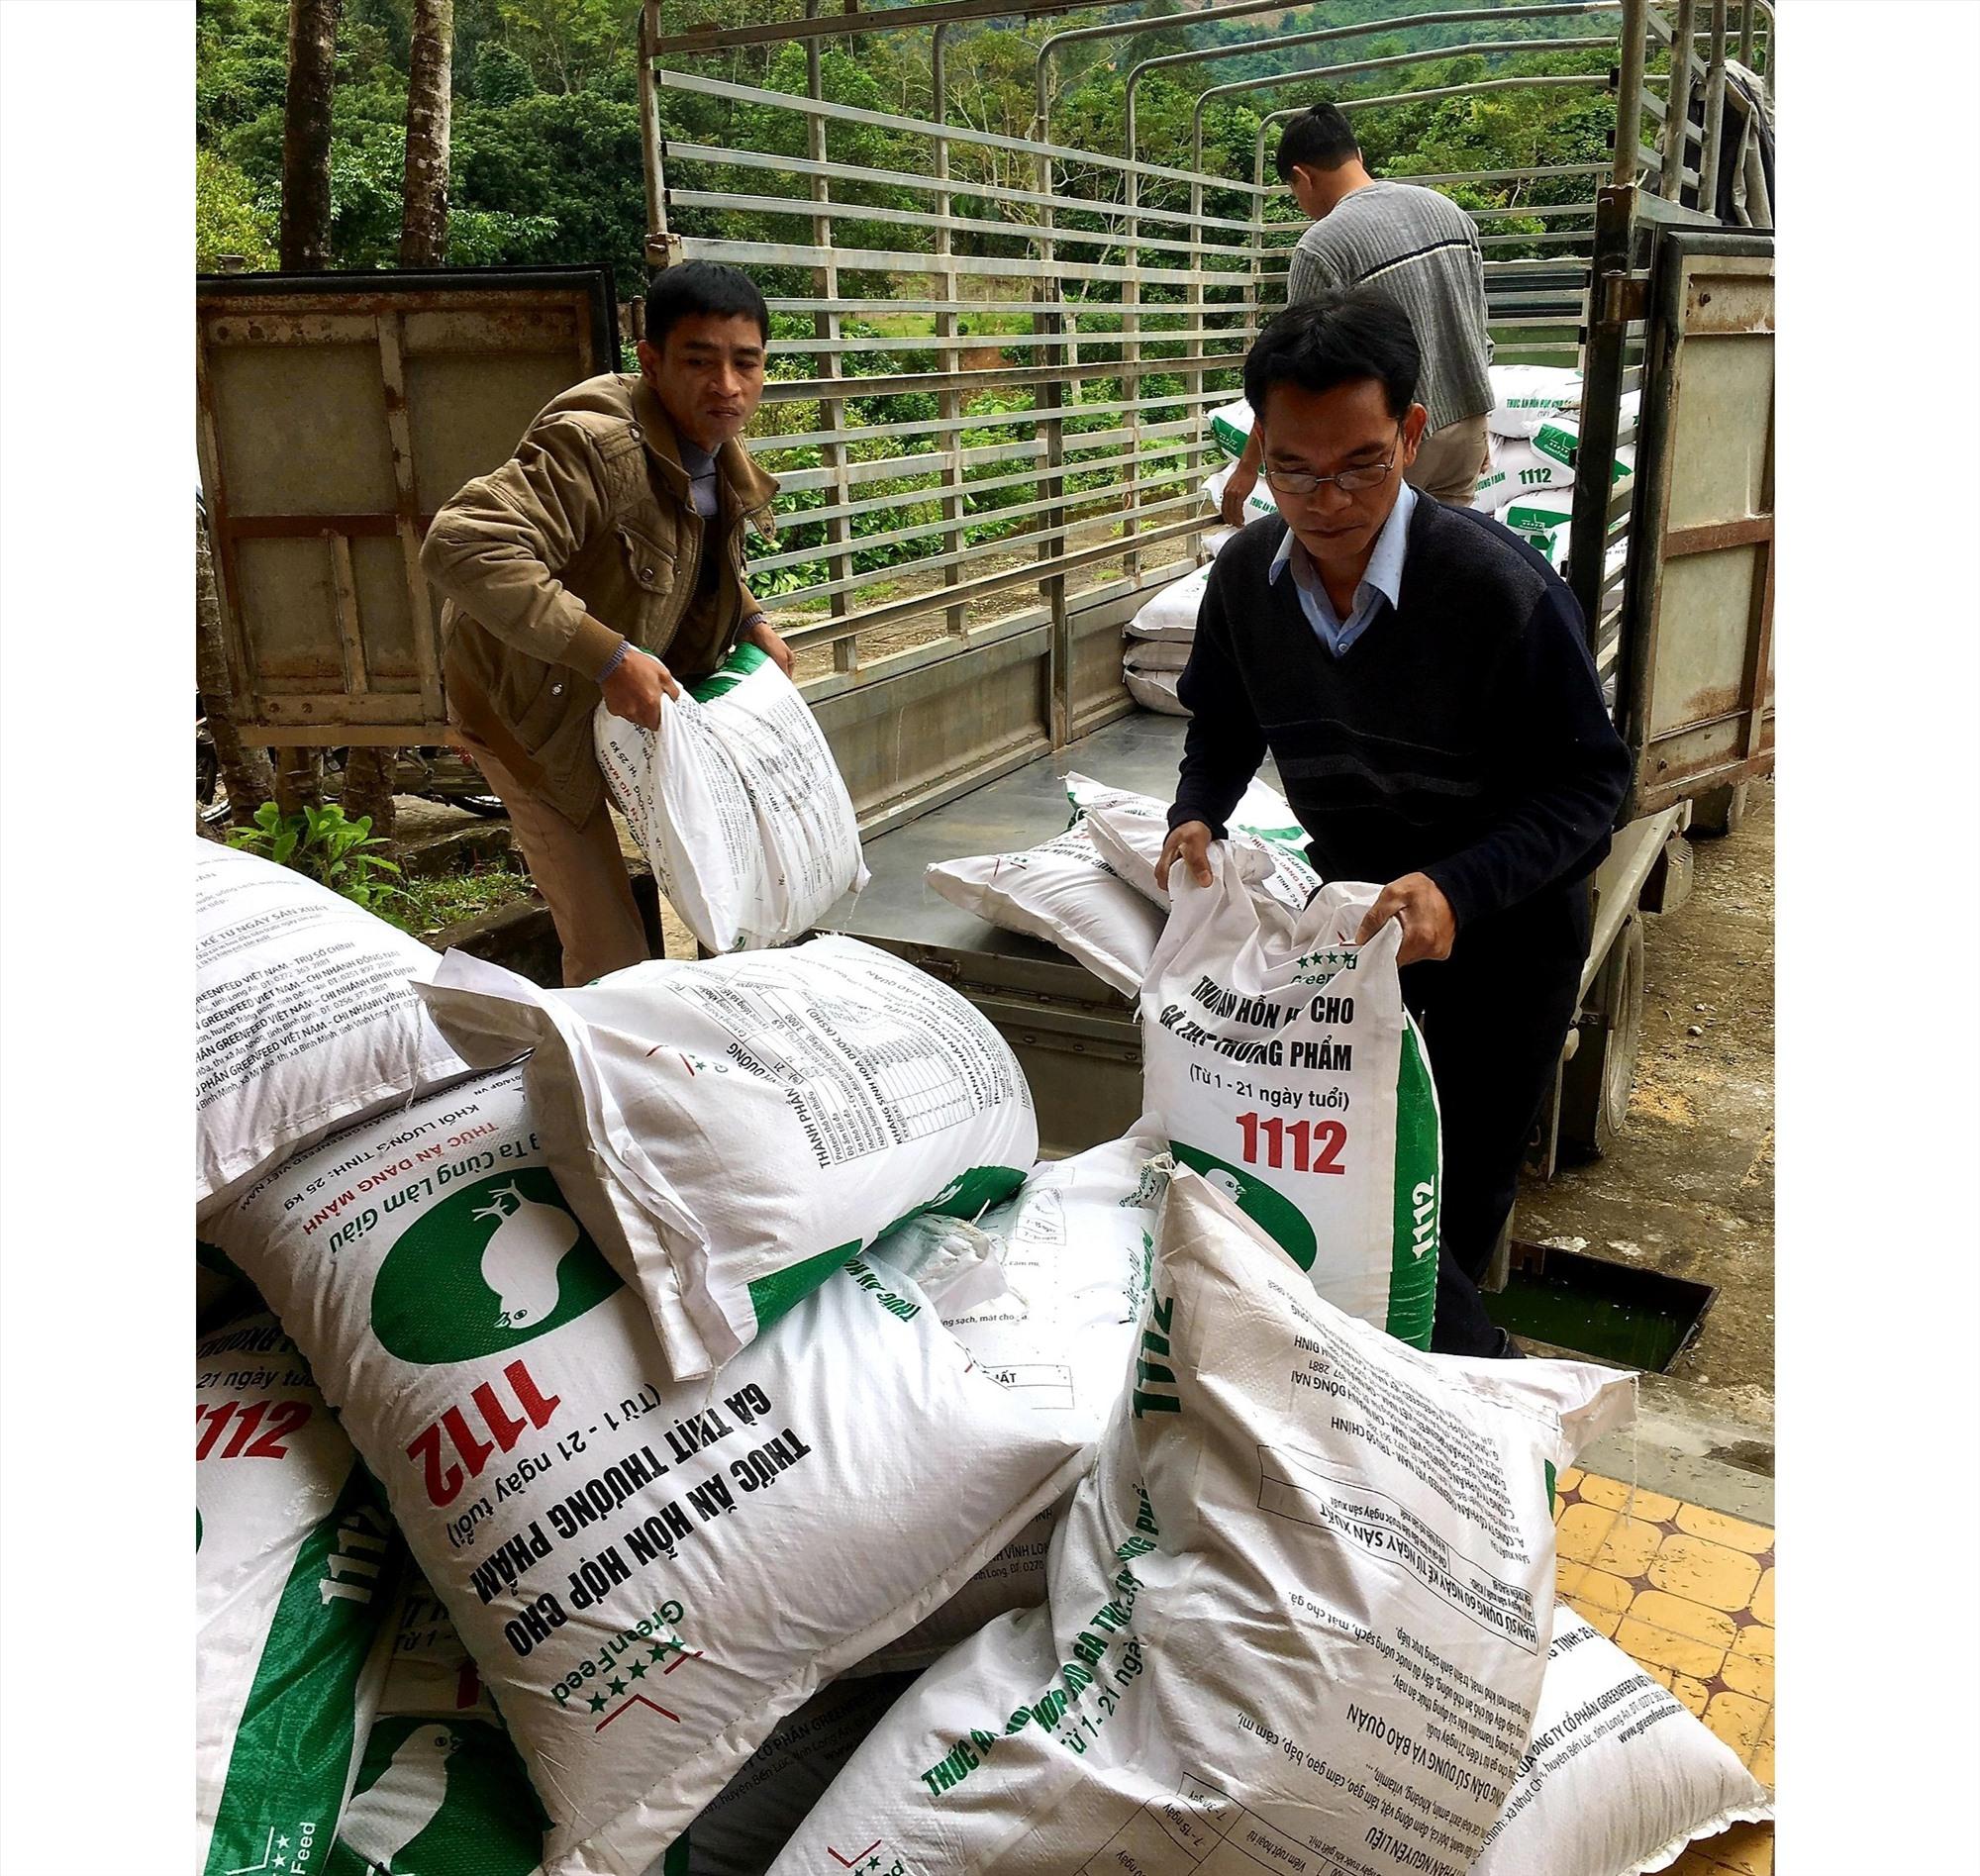 Huyện Nam Giang tiếp nhận nguồn thức ăn hỗn hợp do tỉnh hỗ trợ. Ảnh: CNTY